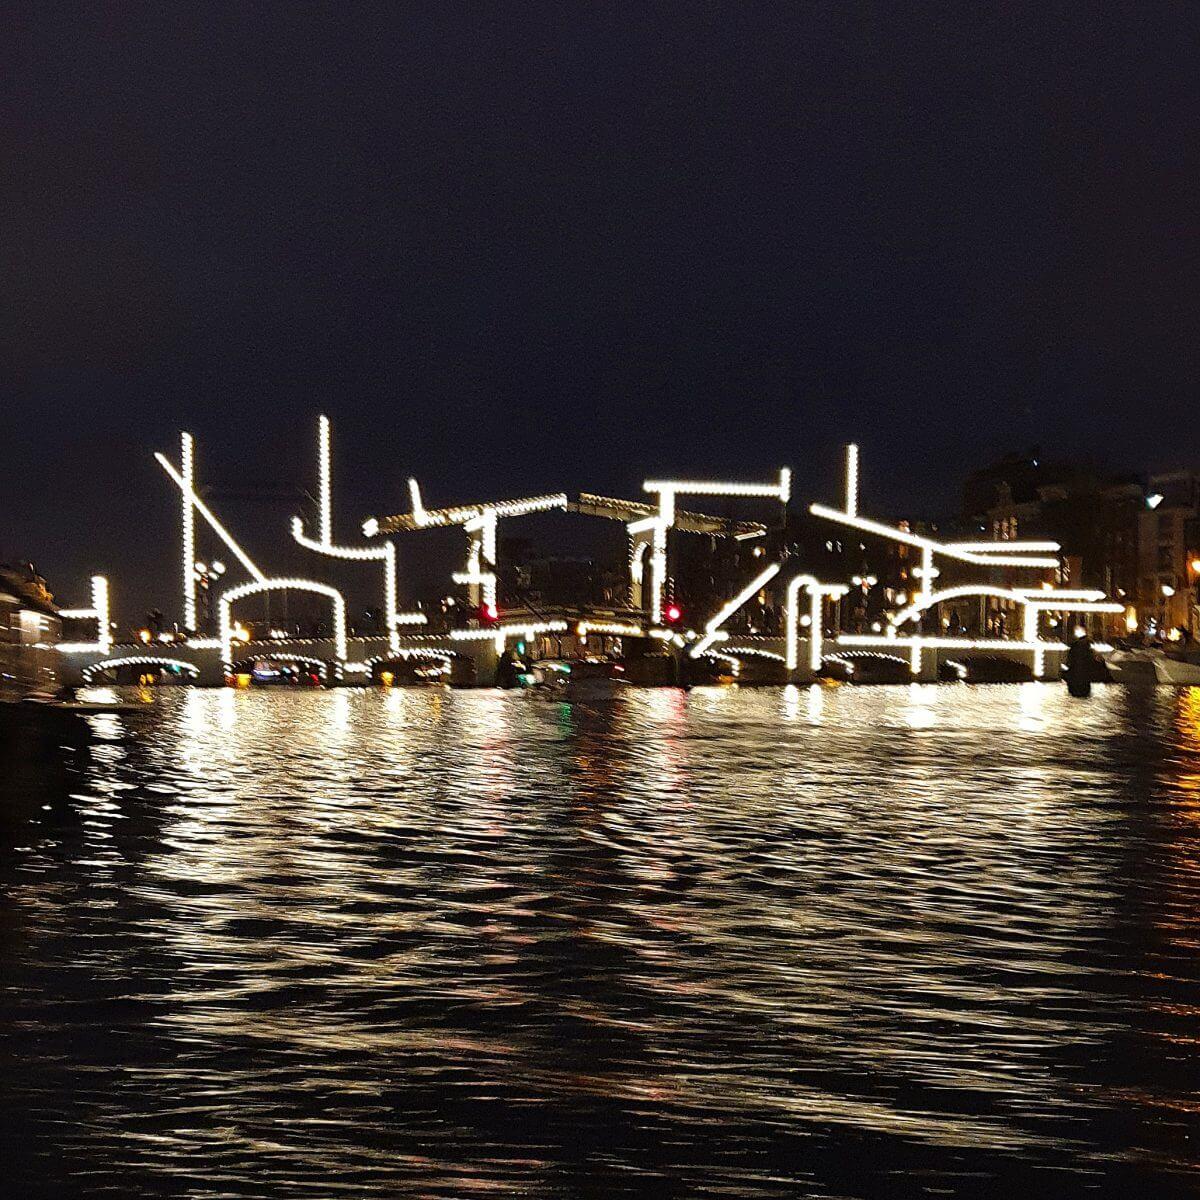 Fabeltjeskrant boottocht voor kinderen bij het AmsterdamLight Festival - Kunstwerk Nachttekening bij de Magere Brug